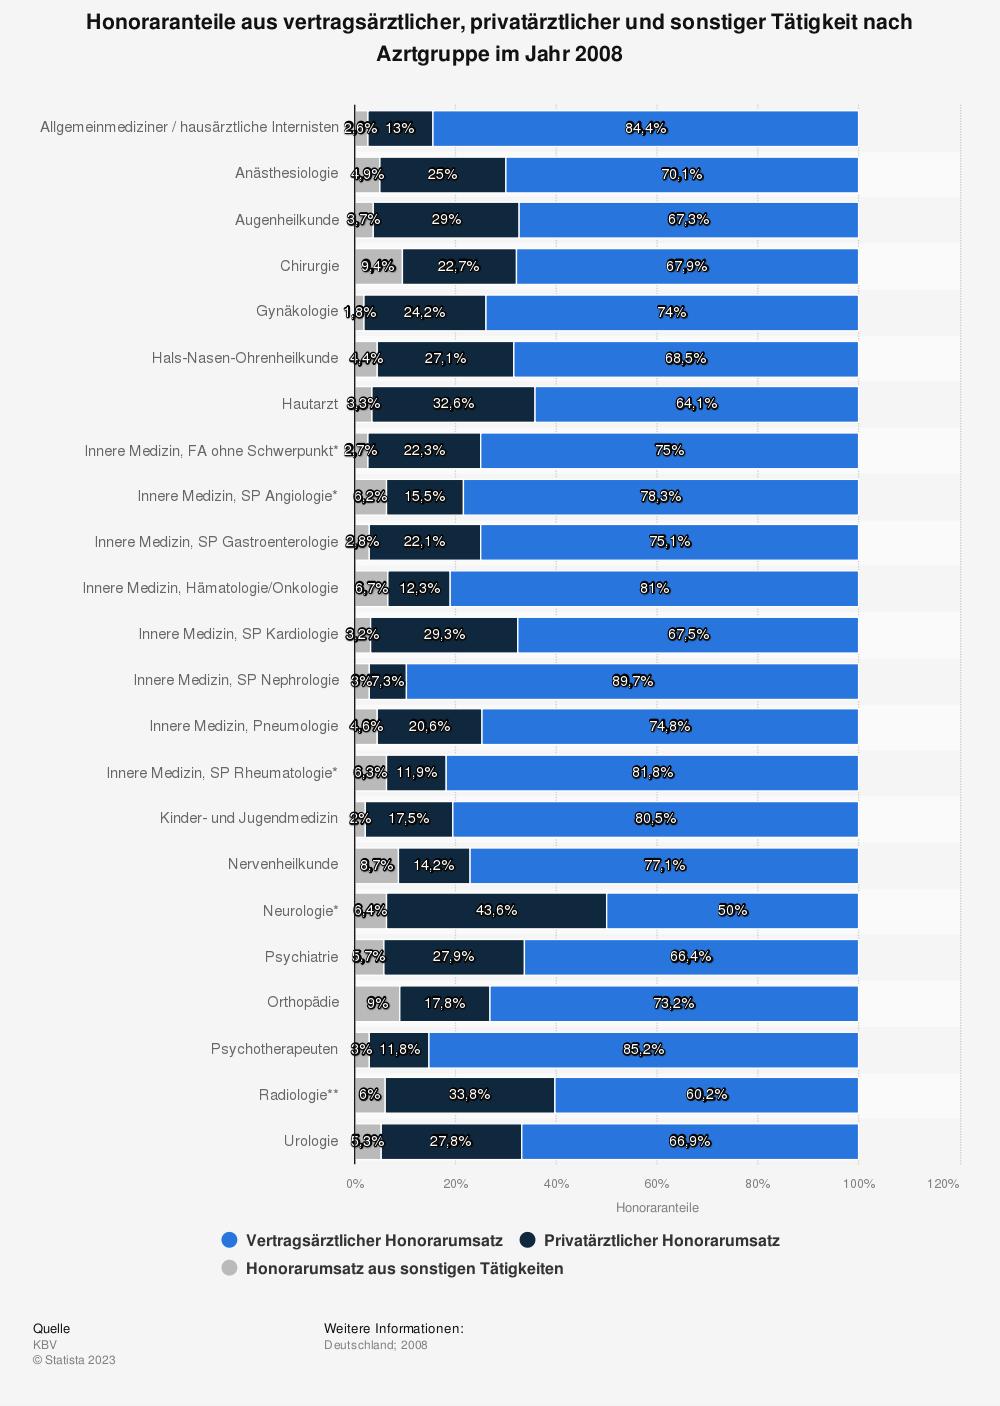 Statistik: Honoraranteile aus vertragsärztlicher, privatärztlicher und sonstiger Tätigkeit nach Azrtgruppe im Jahr 2008 | Statista